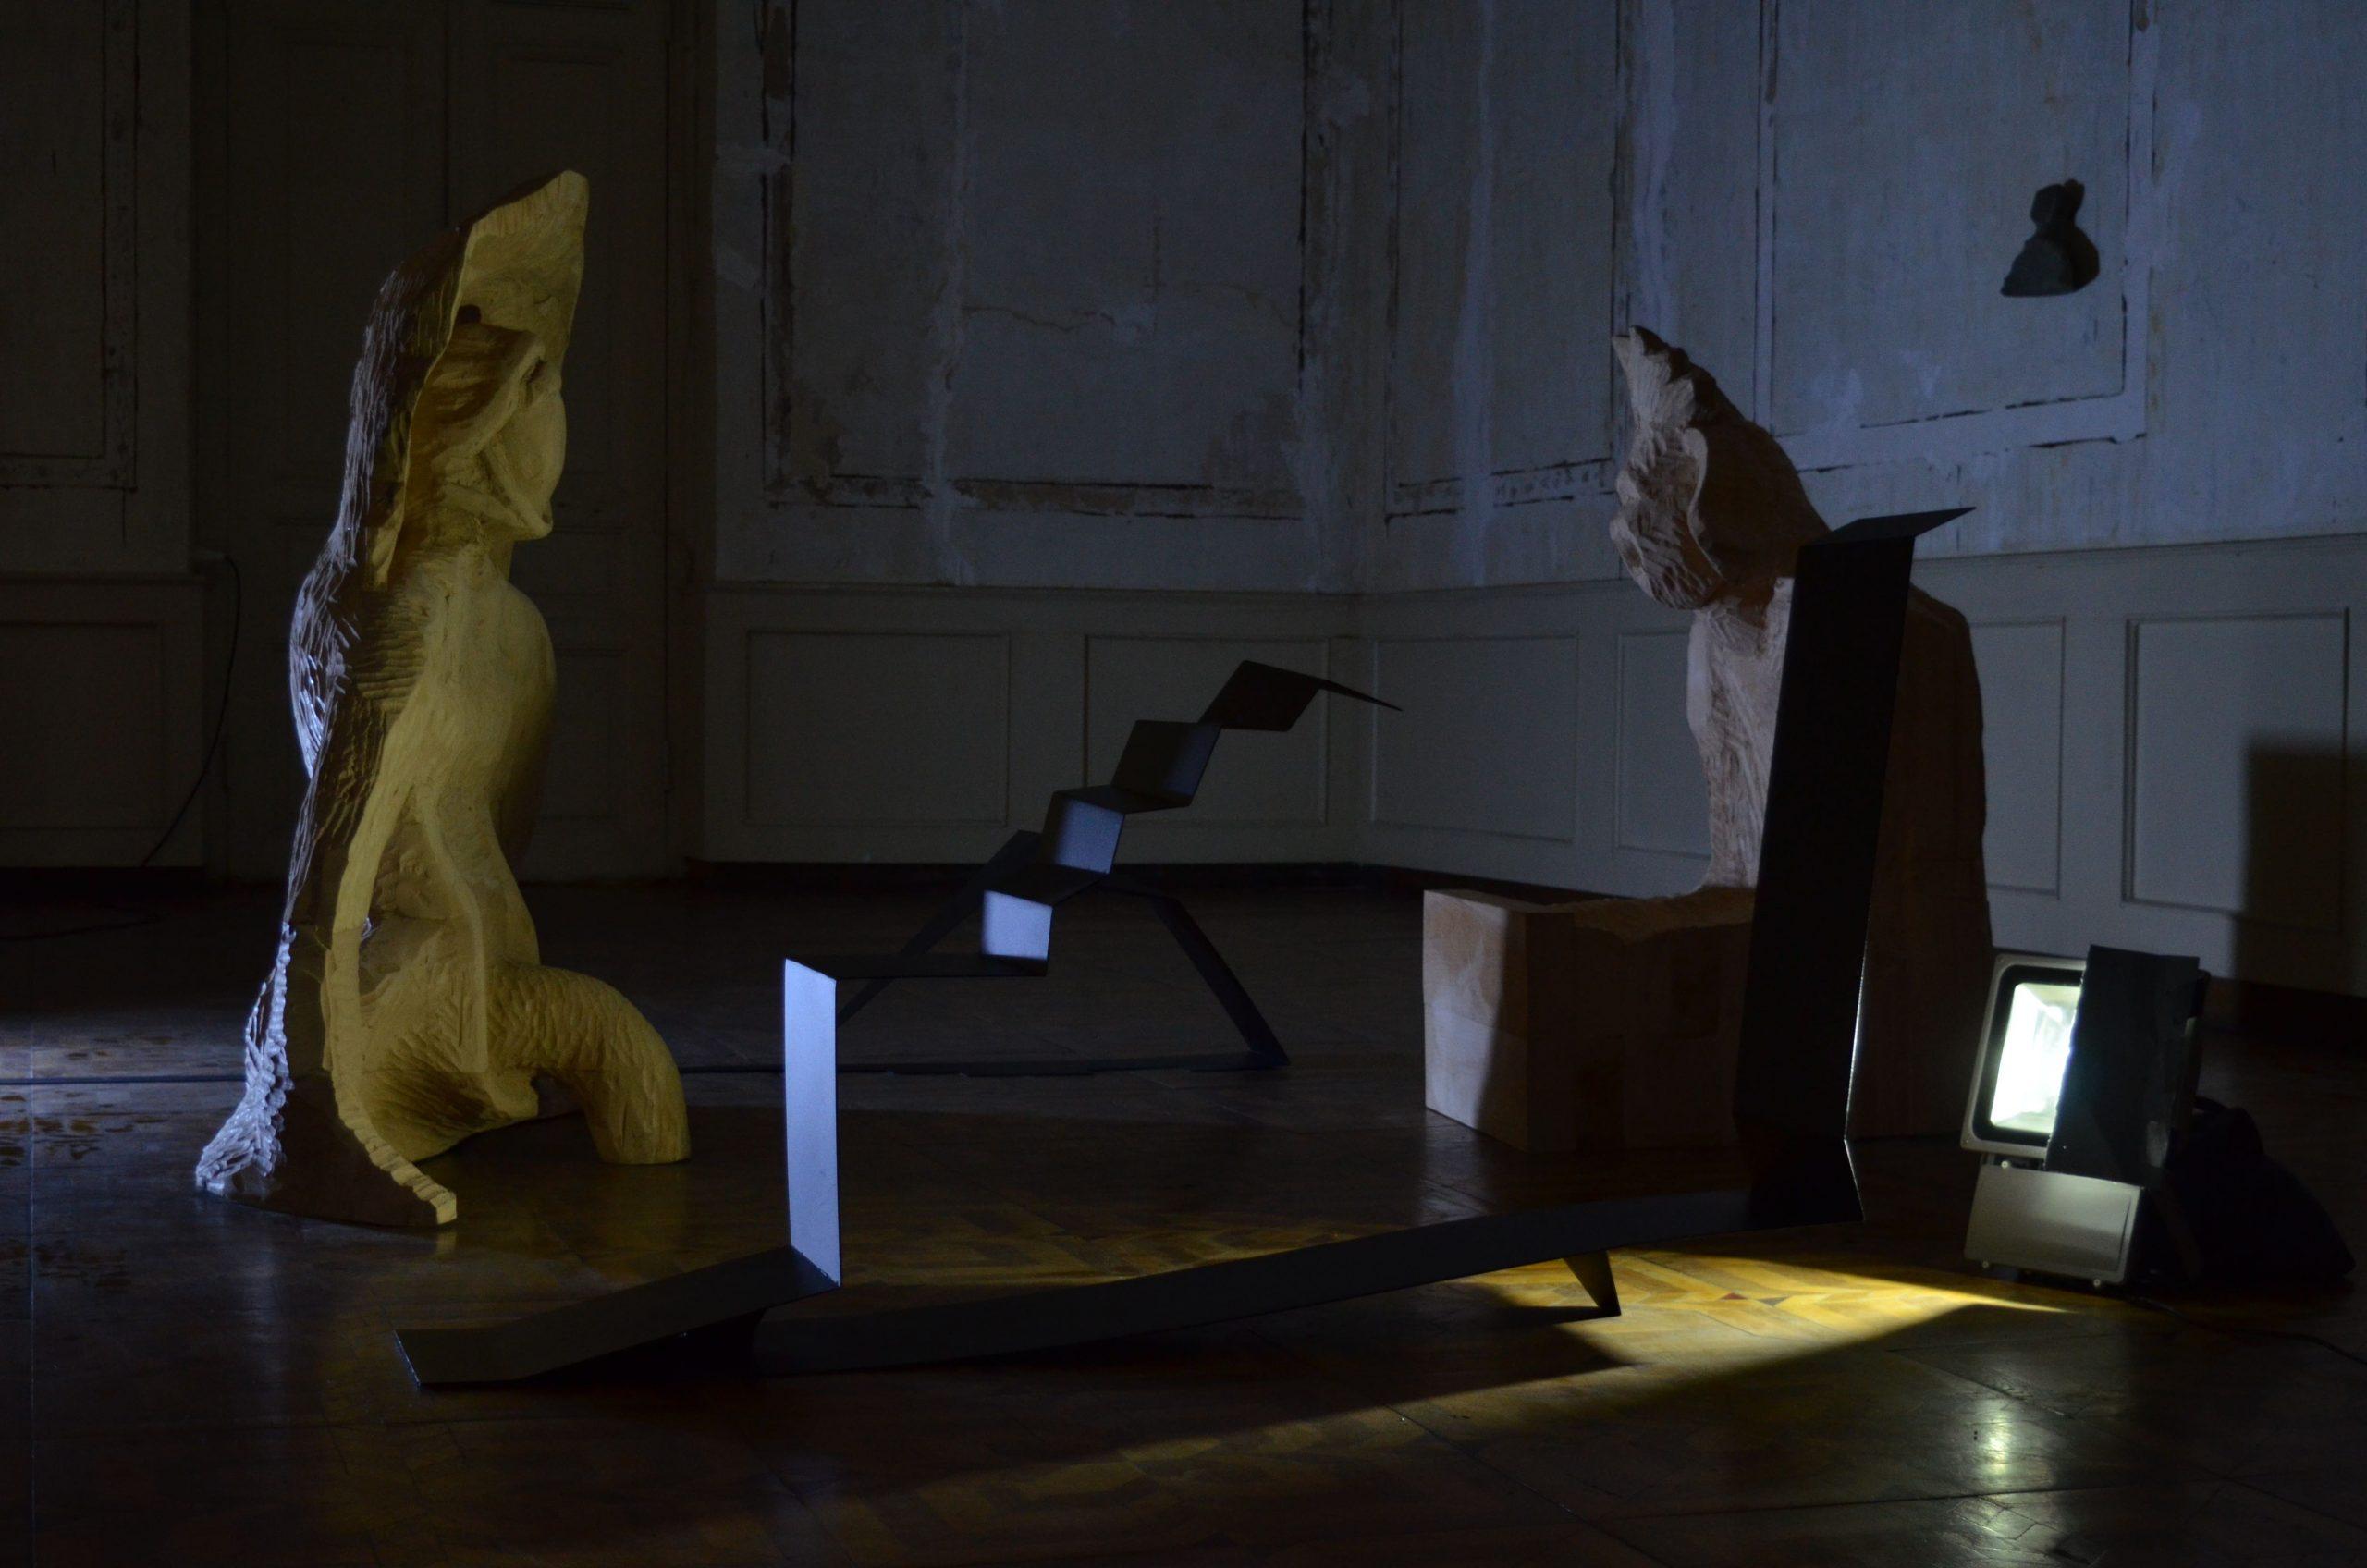 მე-5 ოთახი – ჩუბიკას (ნინო ჩუბინიშვილის) გამოფენა